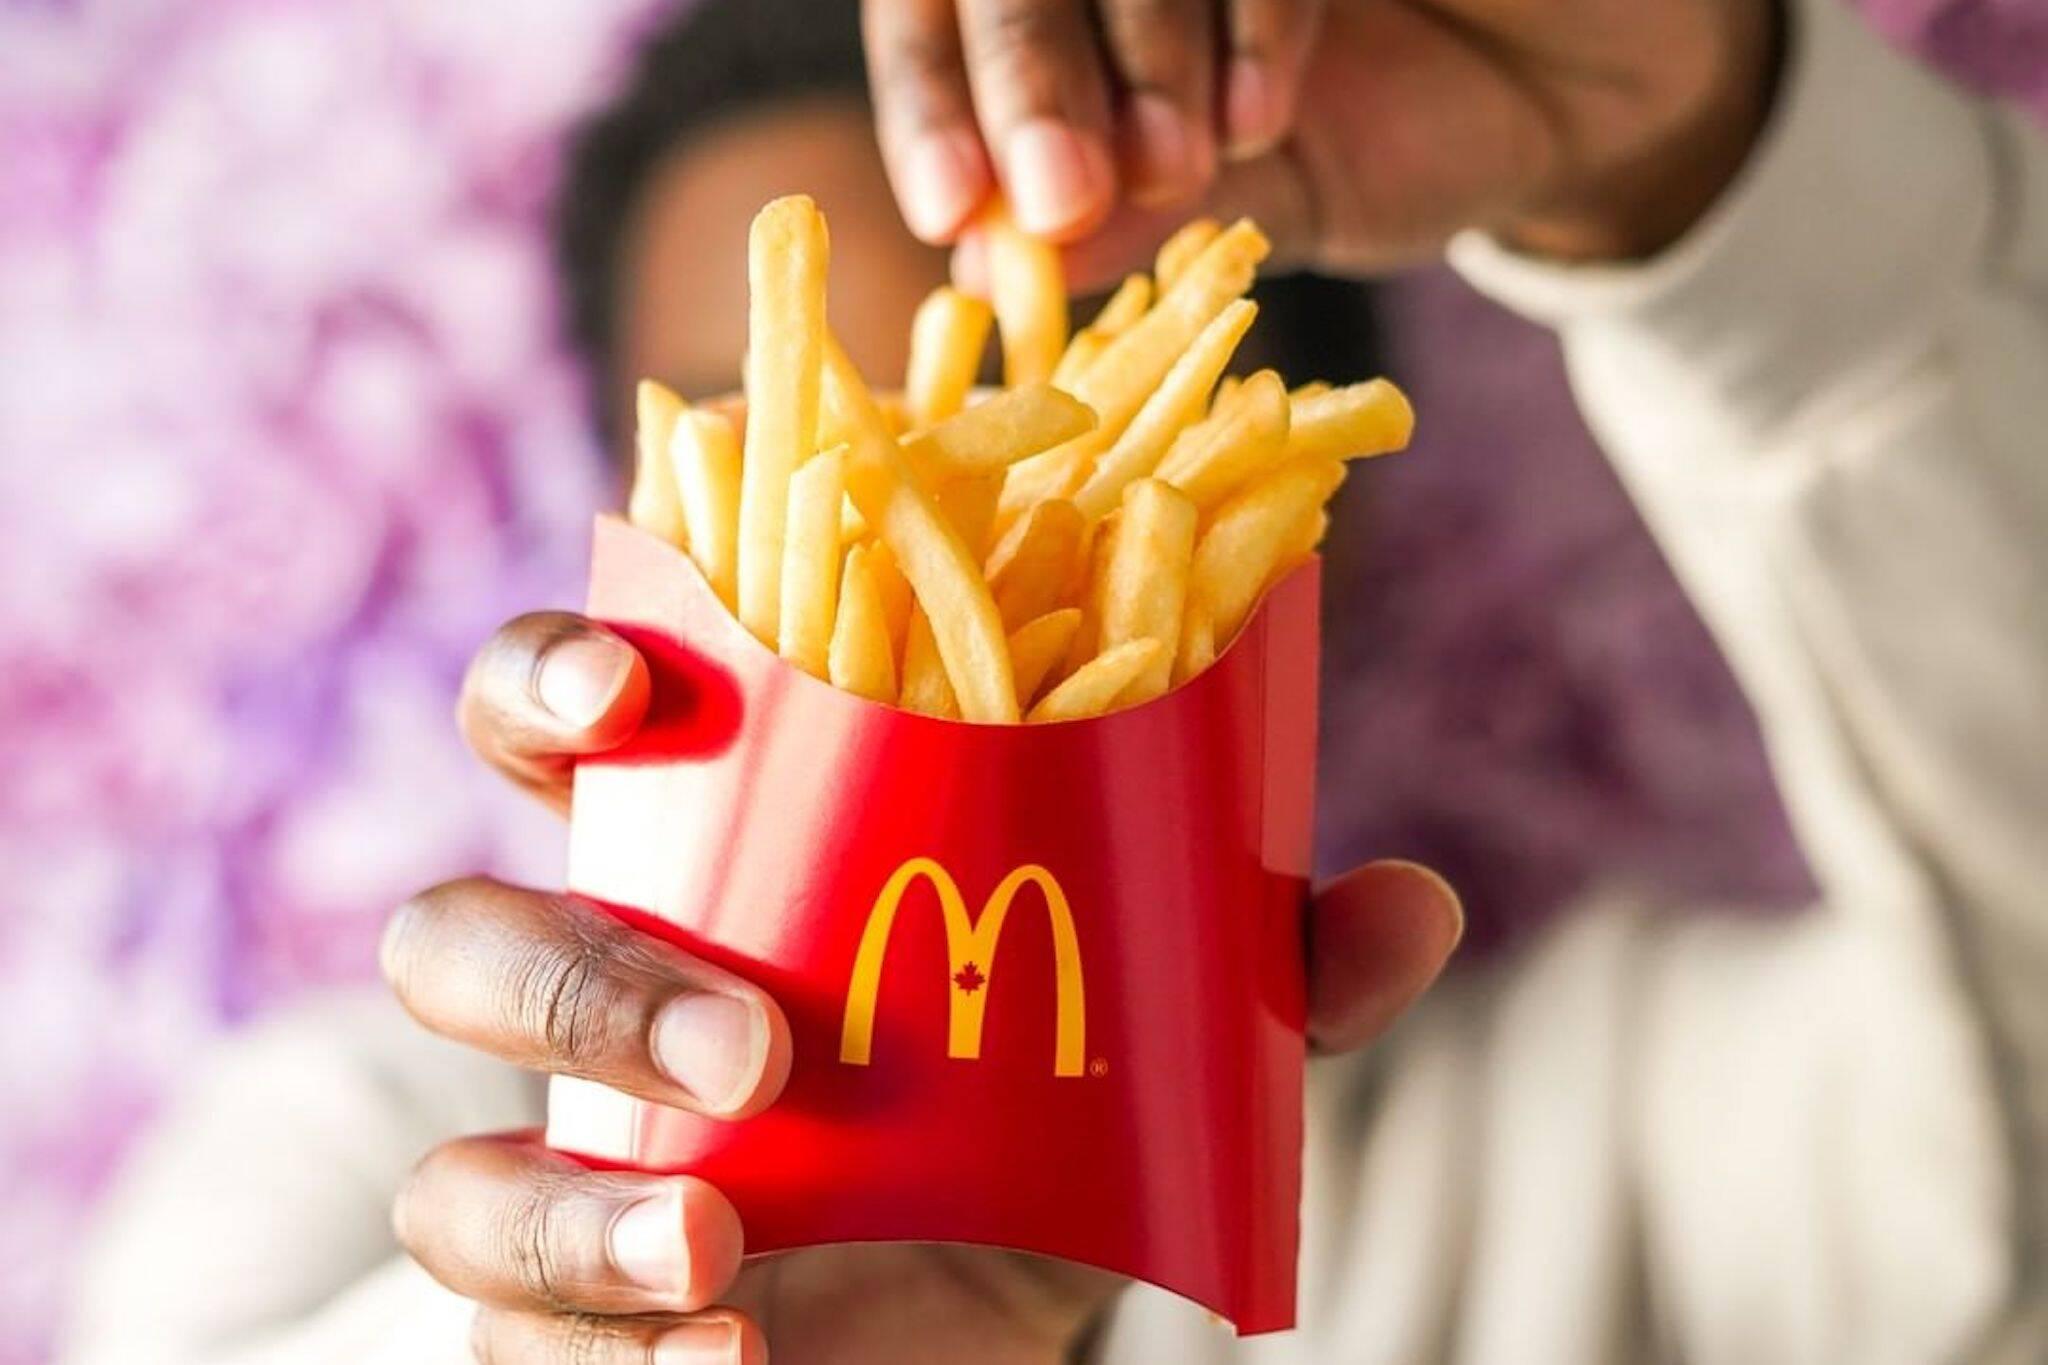 raptors free fries